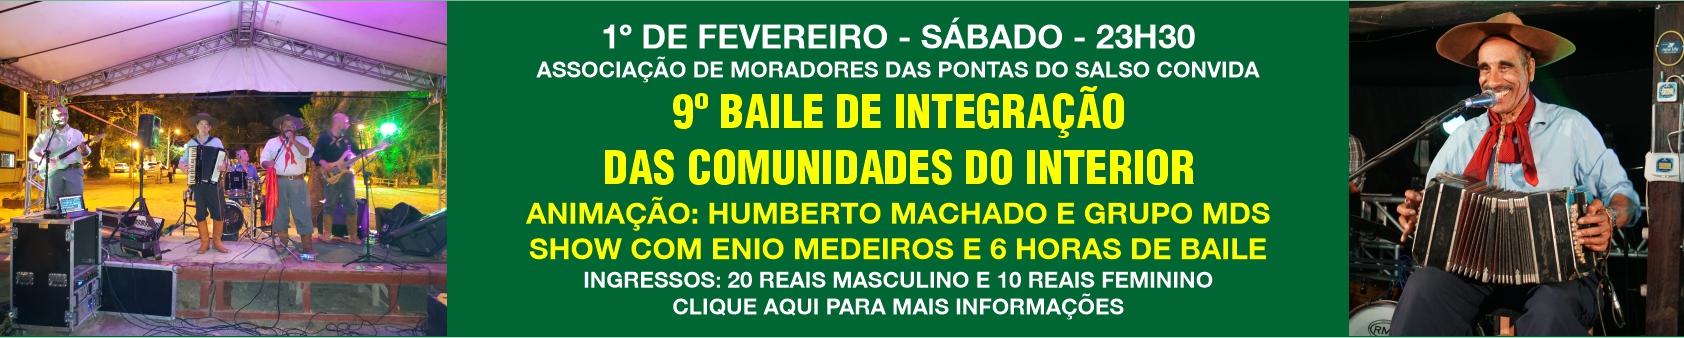 Dia 1º de fevereiro, 9º Baile de Integração das Comunidades do Interior, nas Pontas do Salso